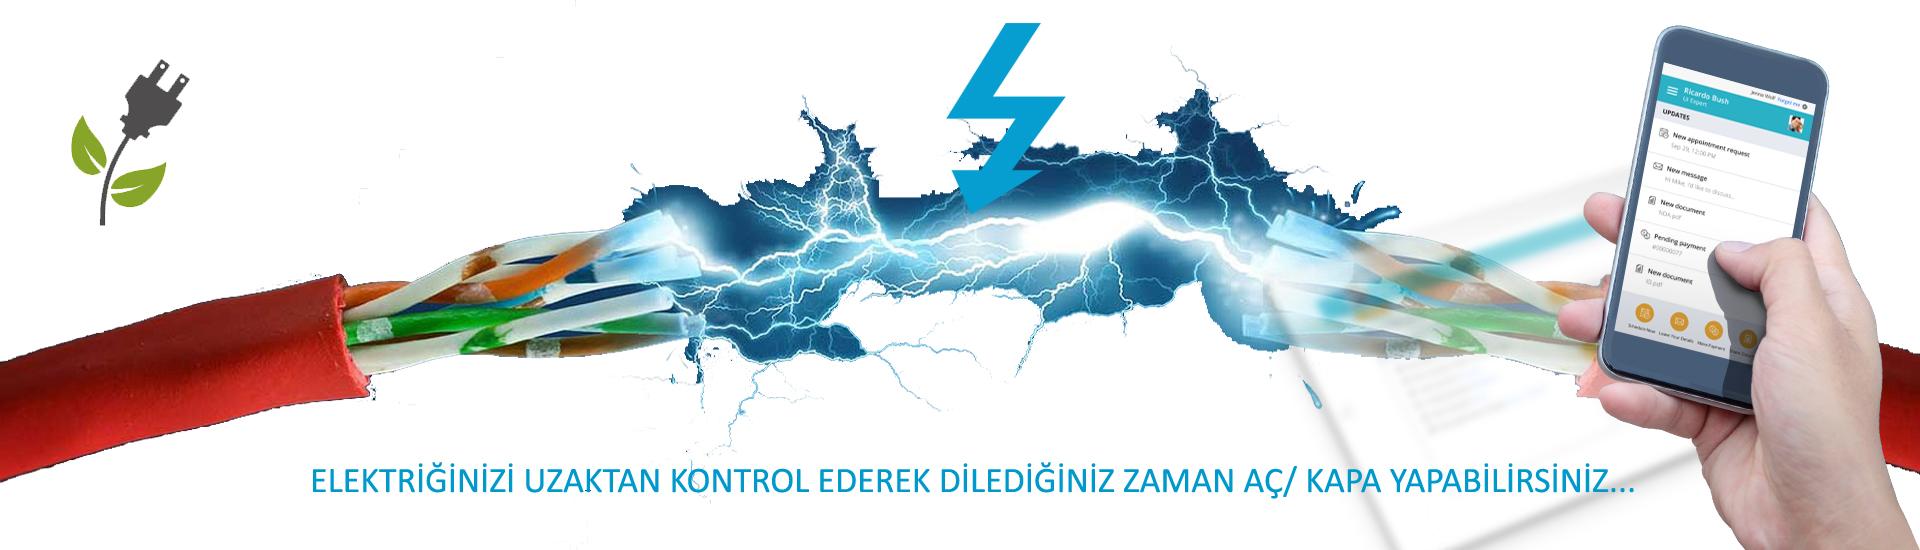 ELEKTRİK KONTROL